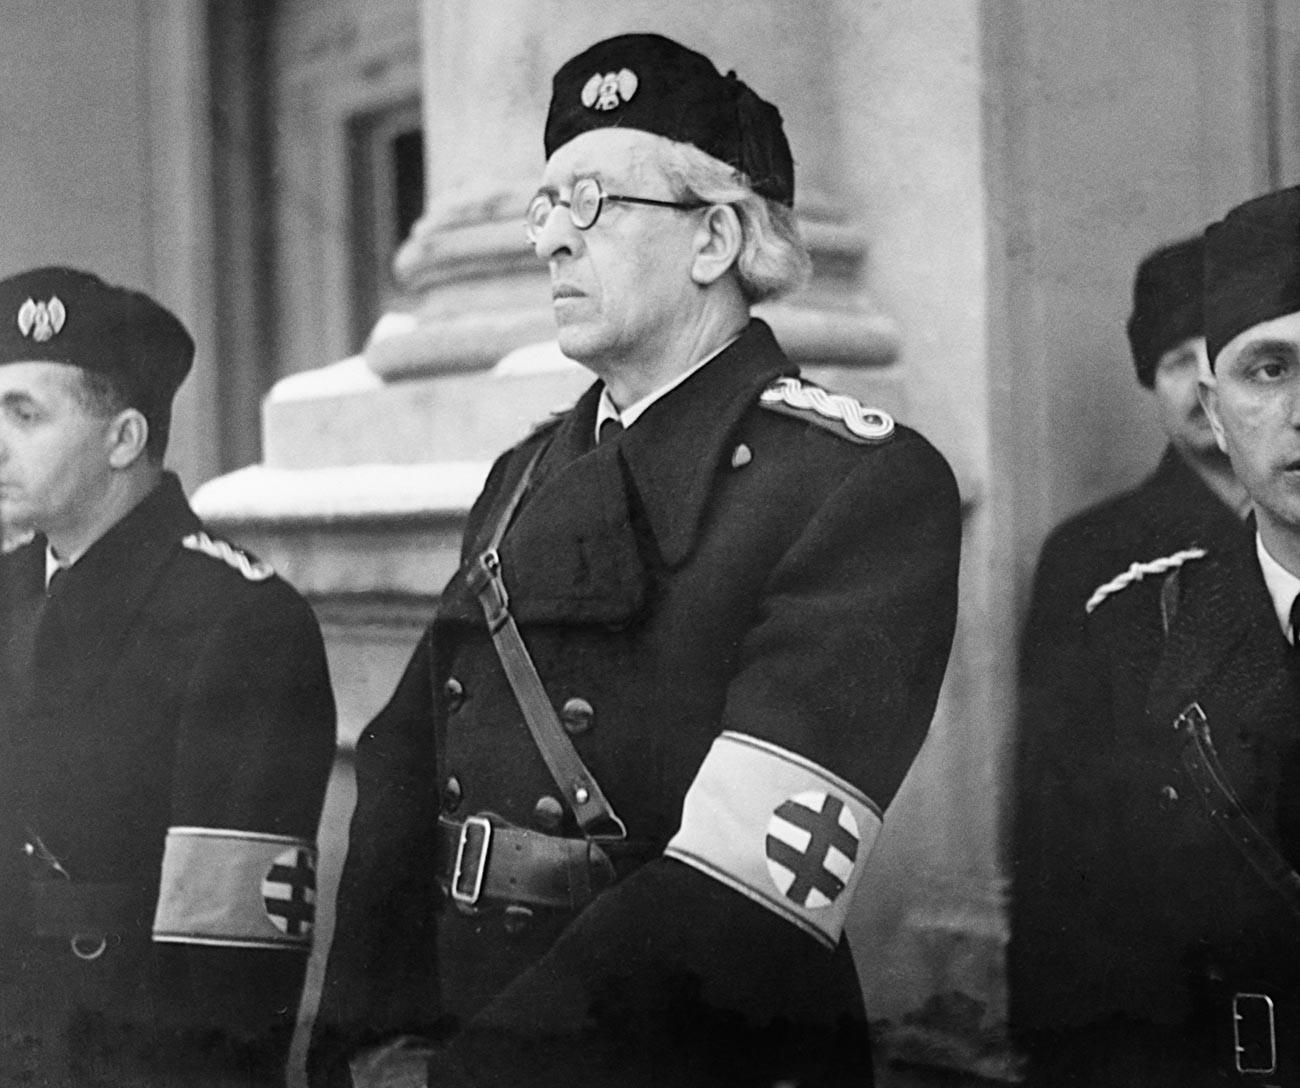 Vojtech Tuka, ogorčeni slovački vođa koji je pružao podršku nacistima.